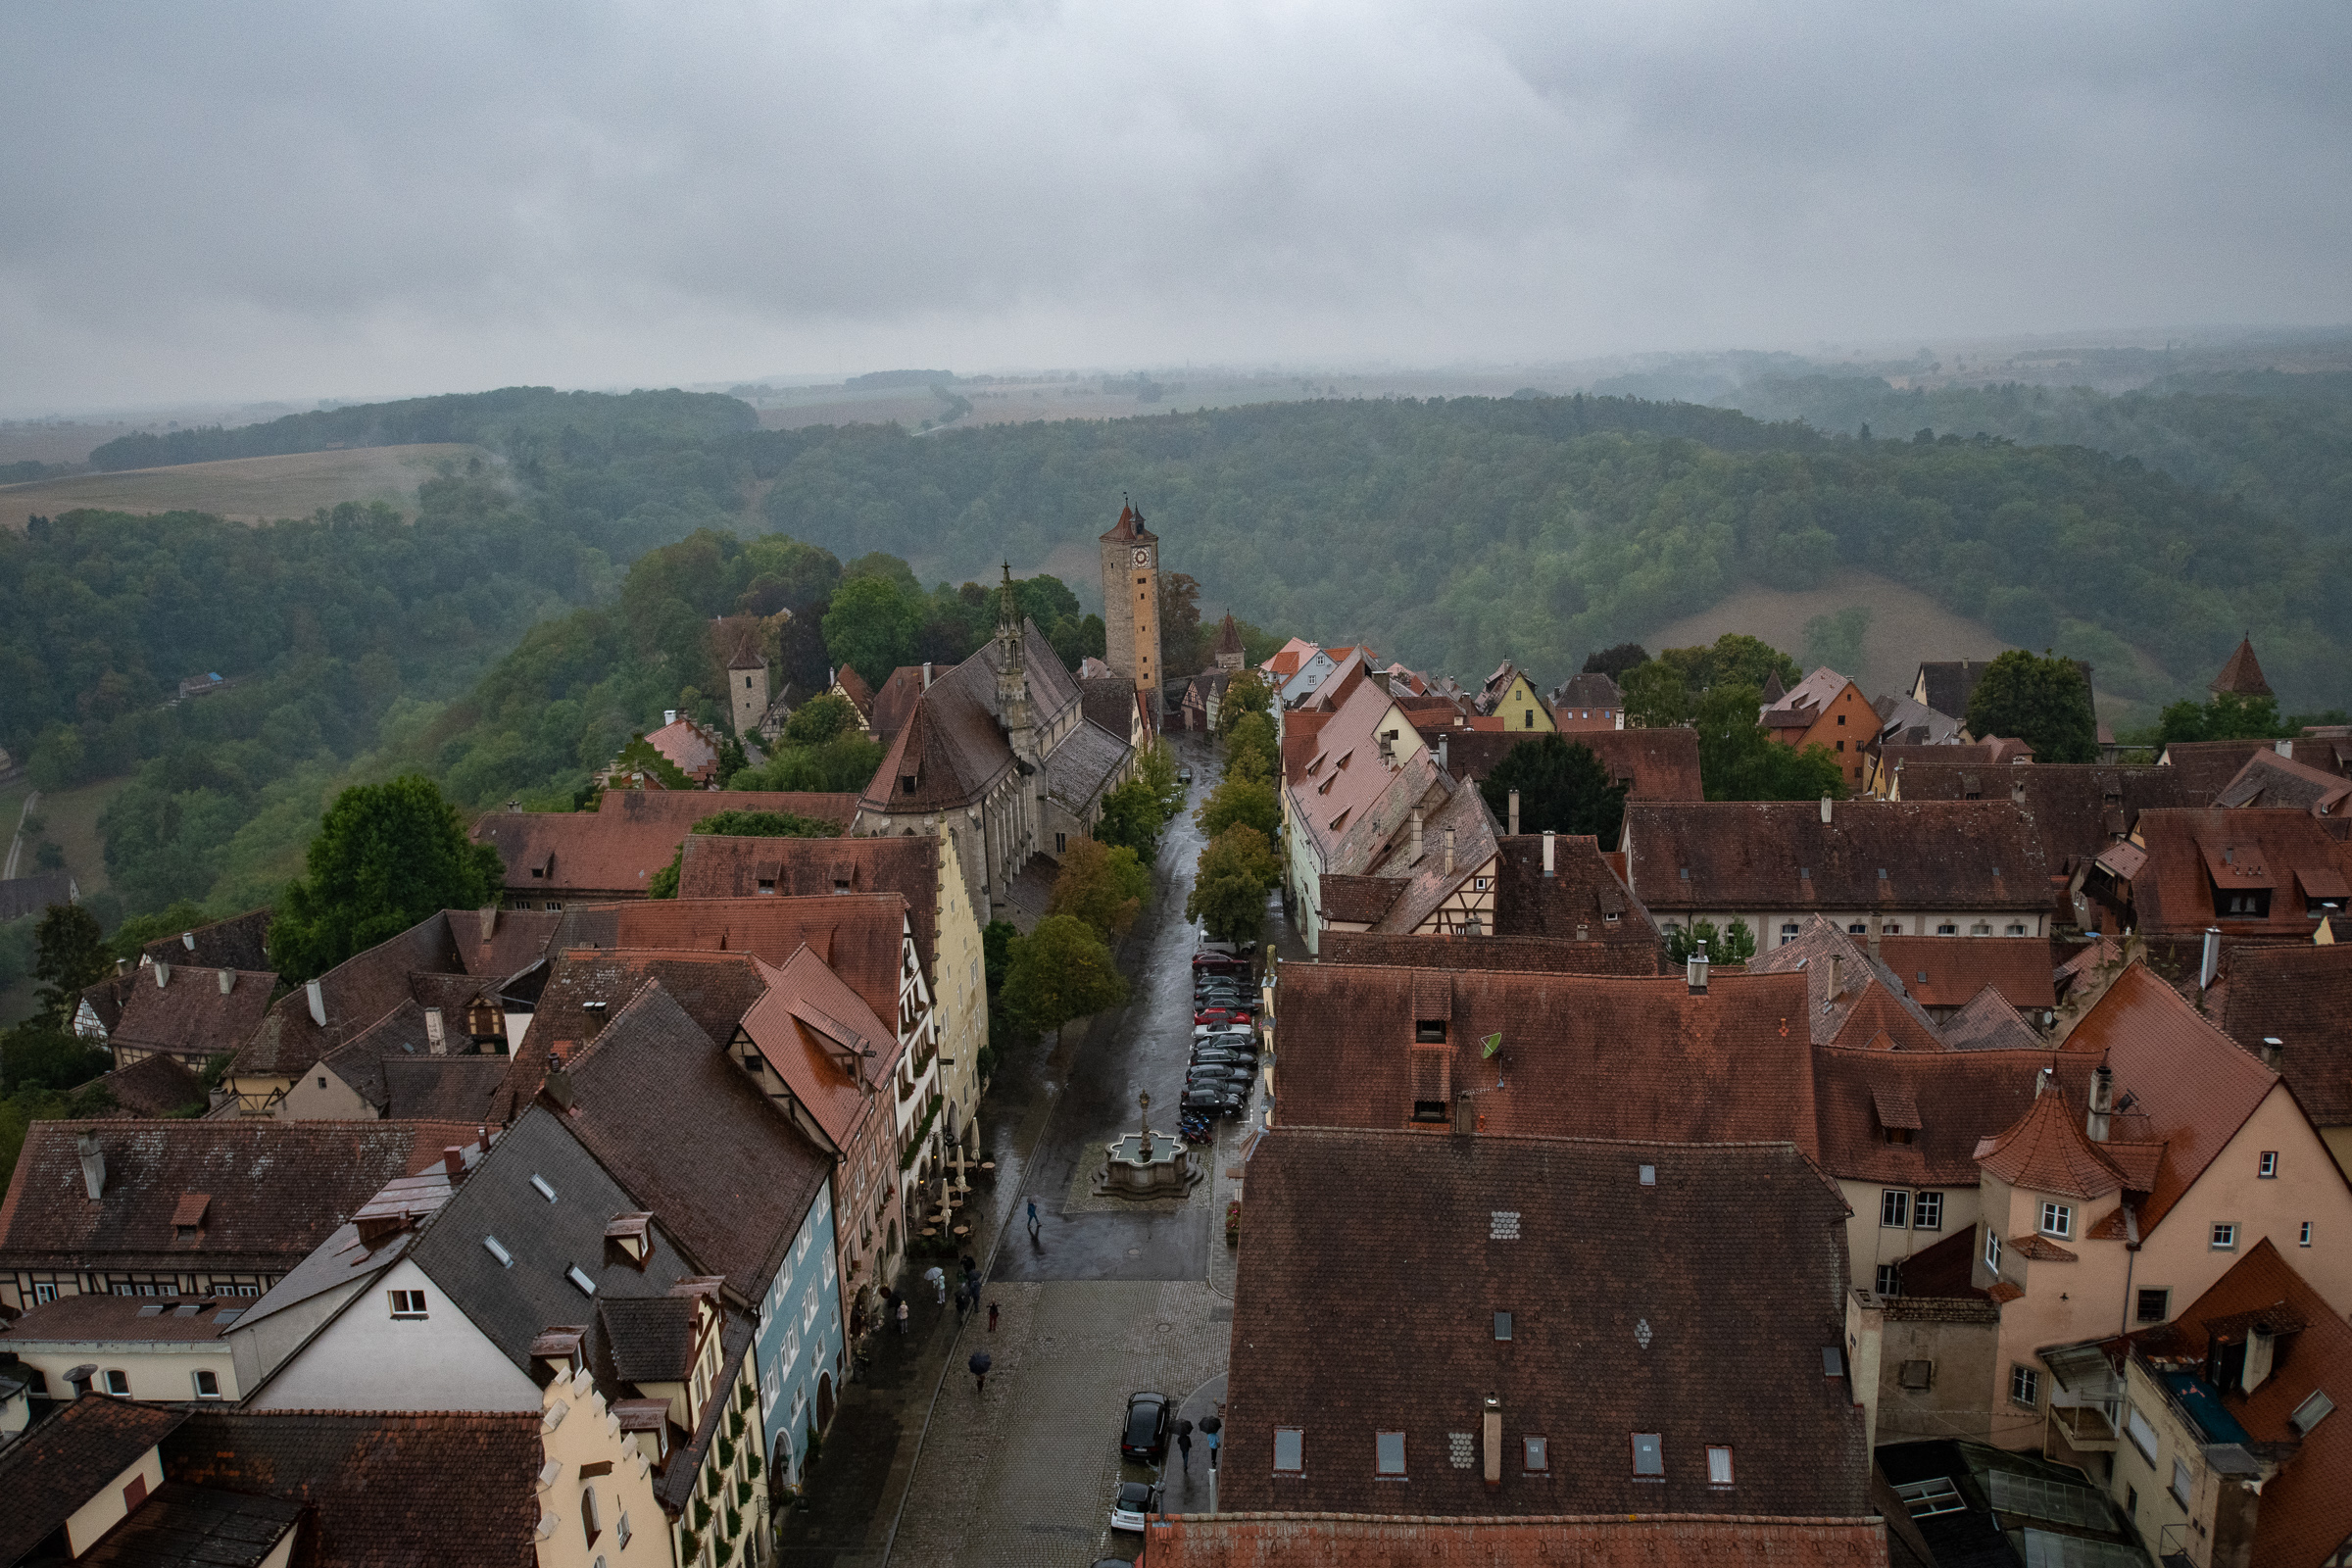 Rainy view toward Castle Gate